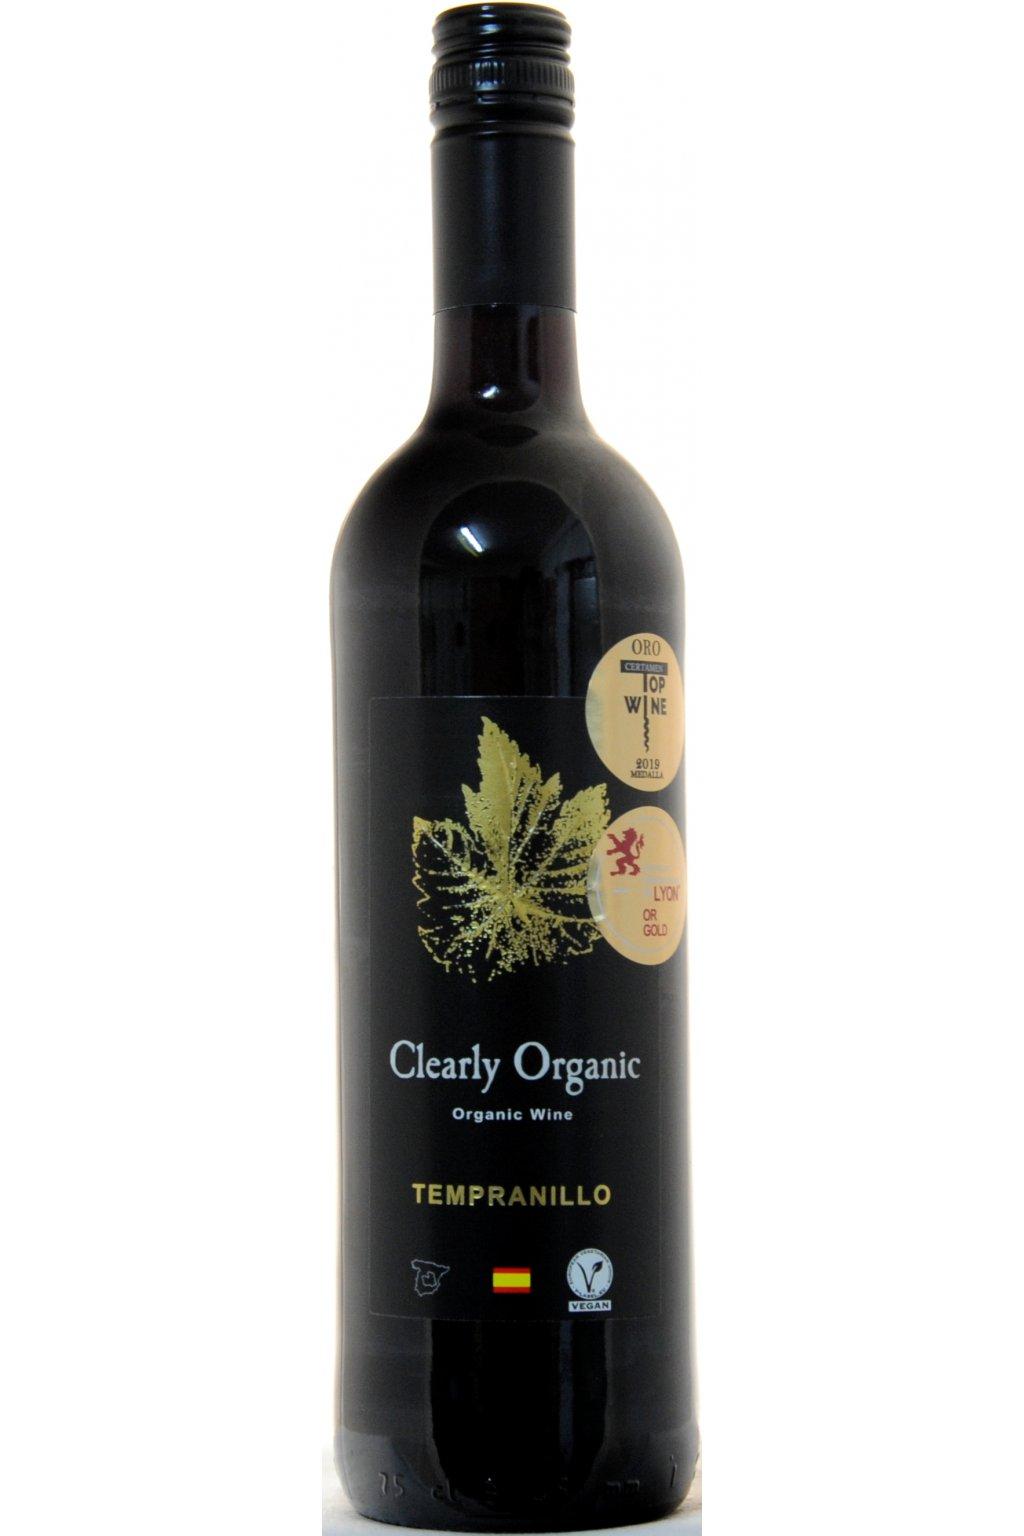 LATUE Clearly Organic Tempranillo 2018 F